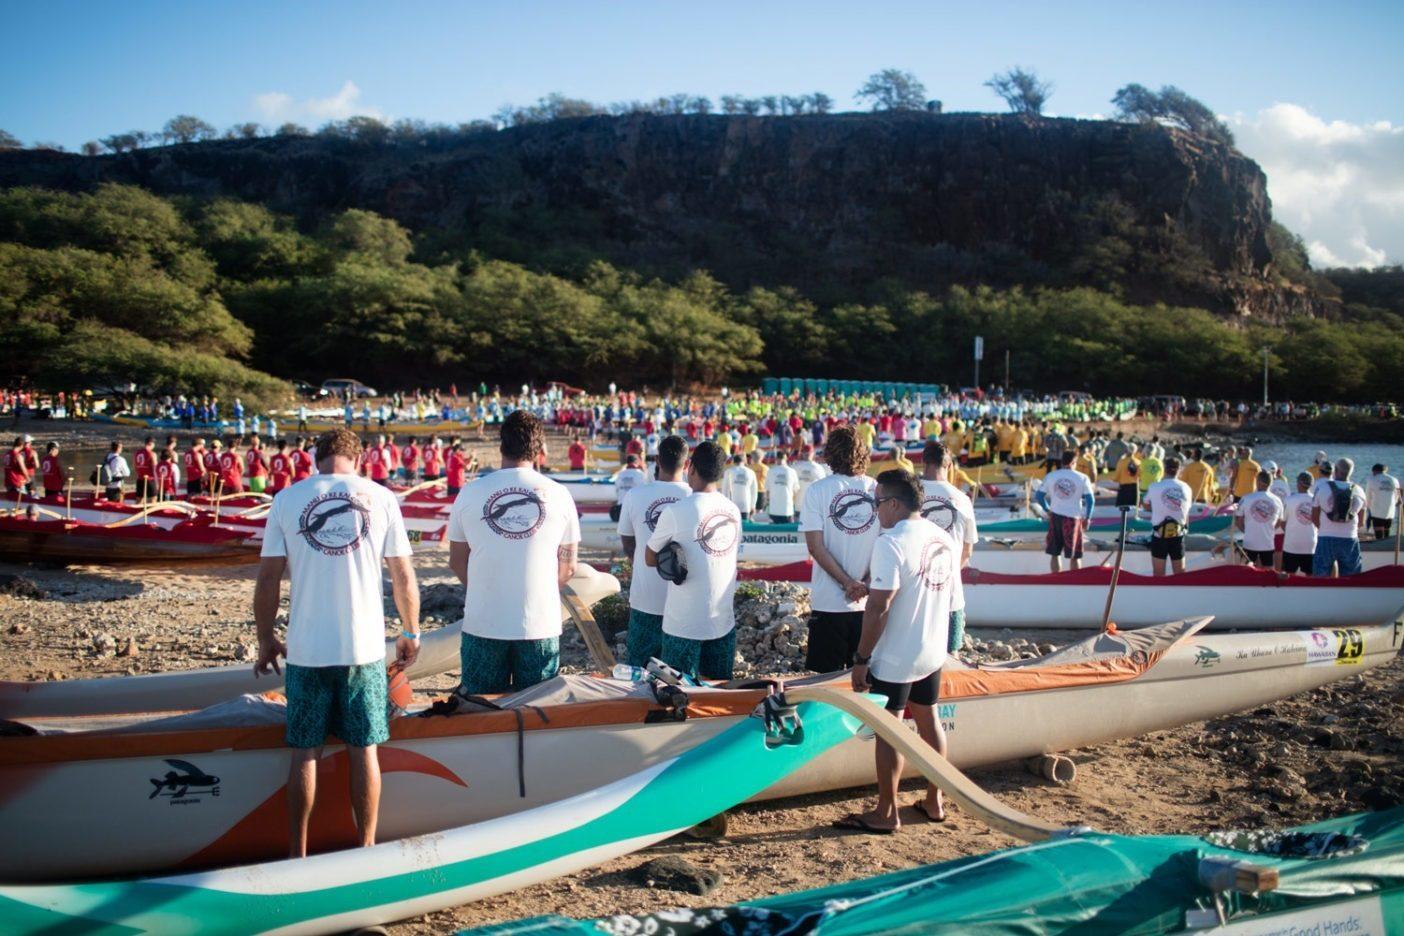 ハワイのカフ(祈祷師)によるレース前の「プレ(祈り)」は、良好なコンディション、すべての関係者の安全、すべてのカヌーの速やかな航海が祈られ、それはいつも鳥肌が立つような瞬間をもたらす。Photo: Tim Davis